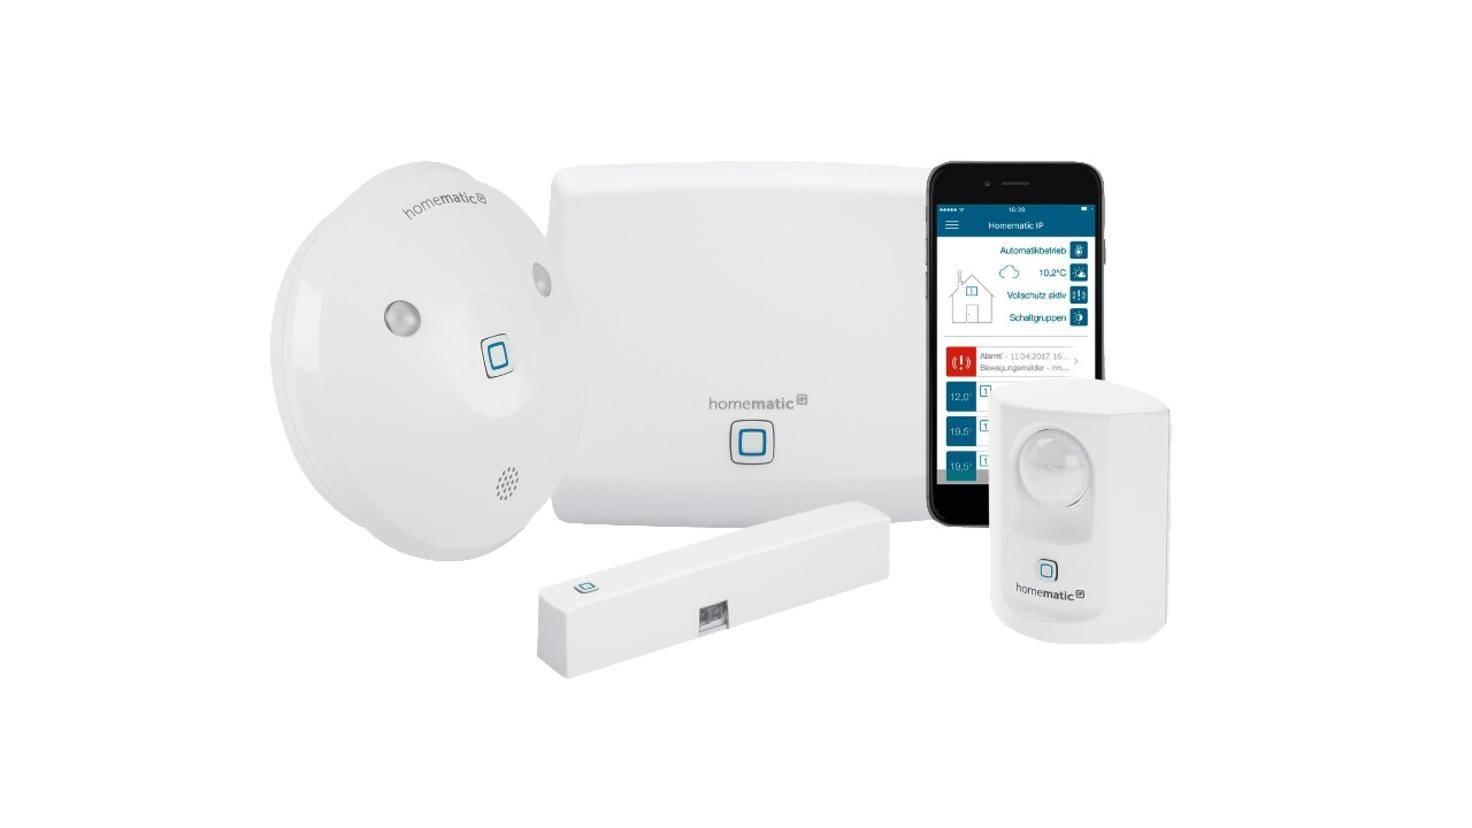 Homematic s'appuie sur un ensemble composé d'une sirène d'alarme et d'un détecteur d'eau.